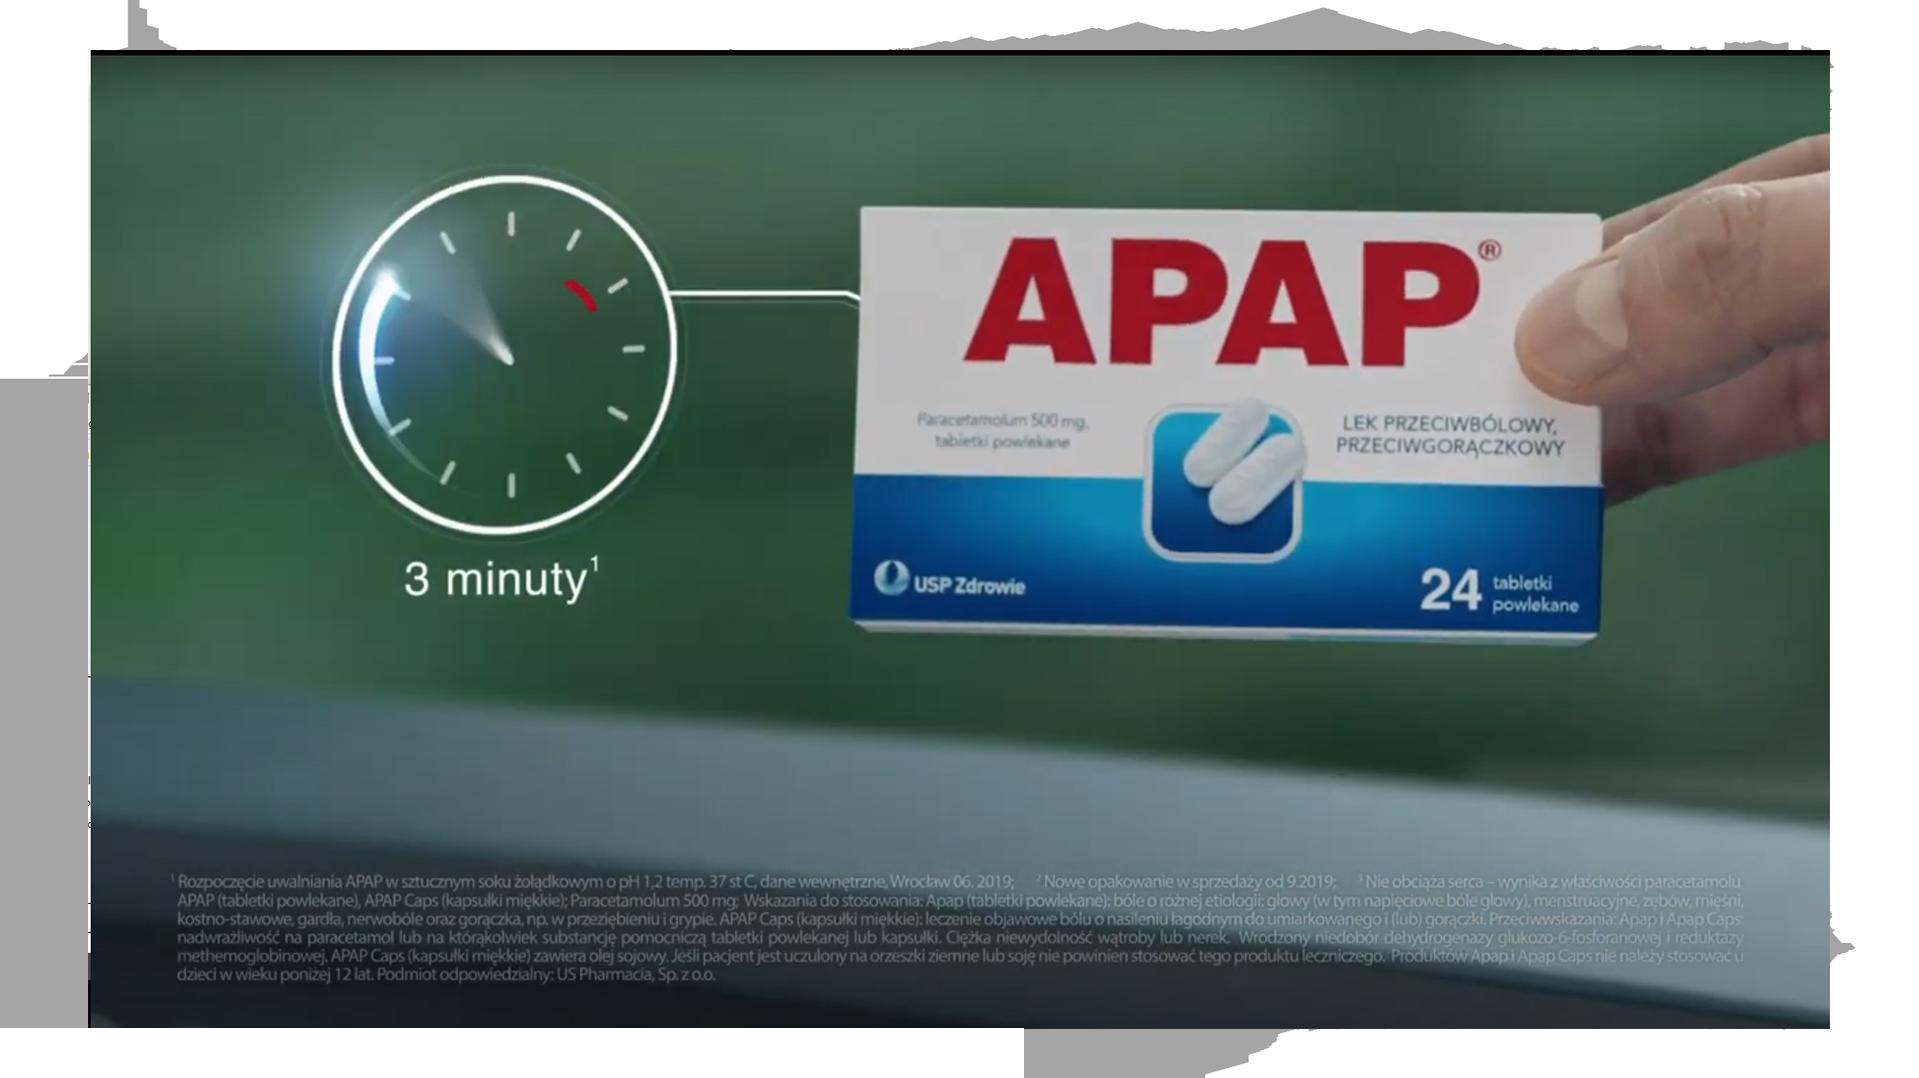 Kadr z produktem apap w spocie telewizyjnym